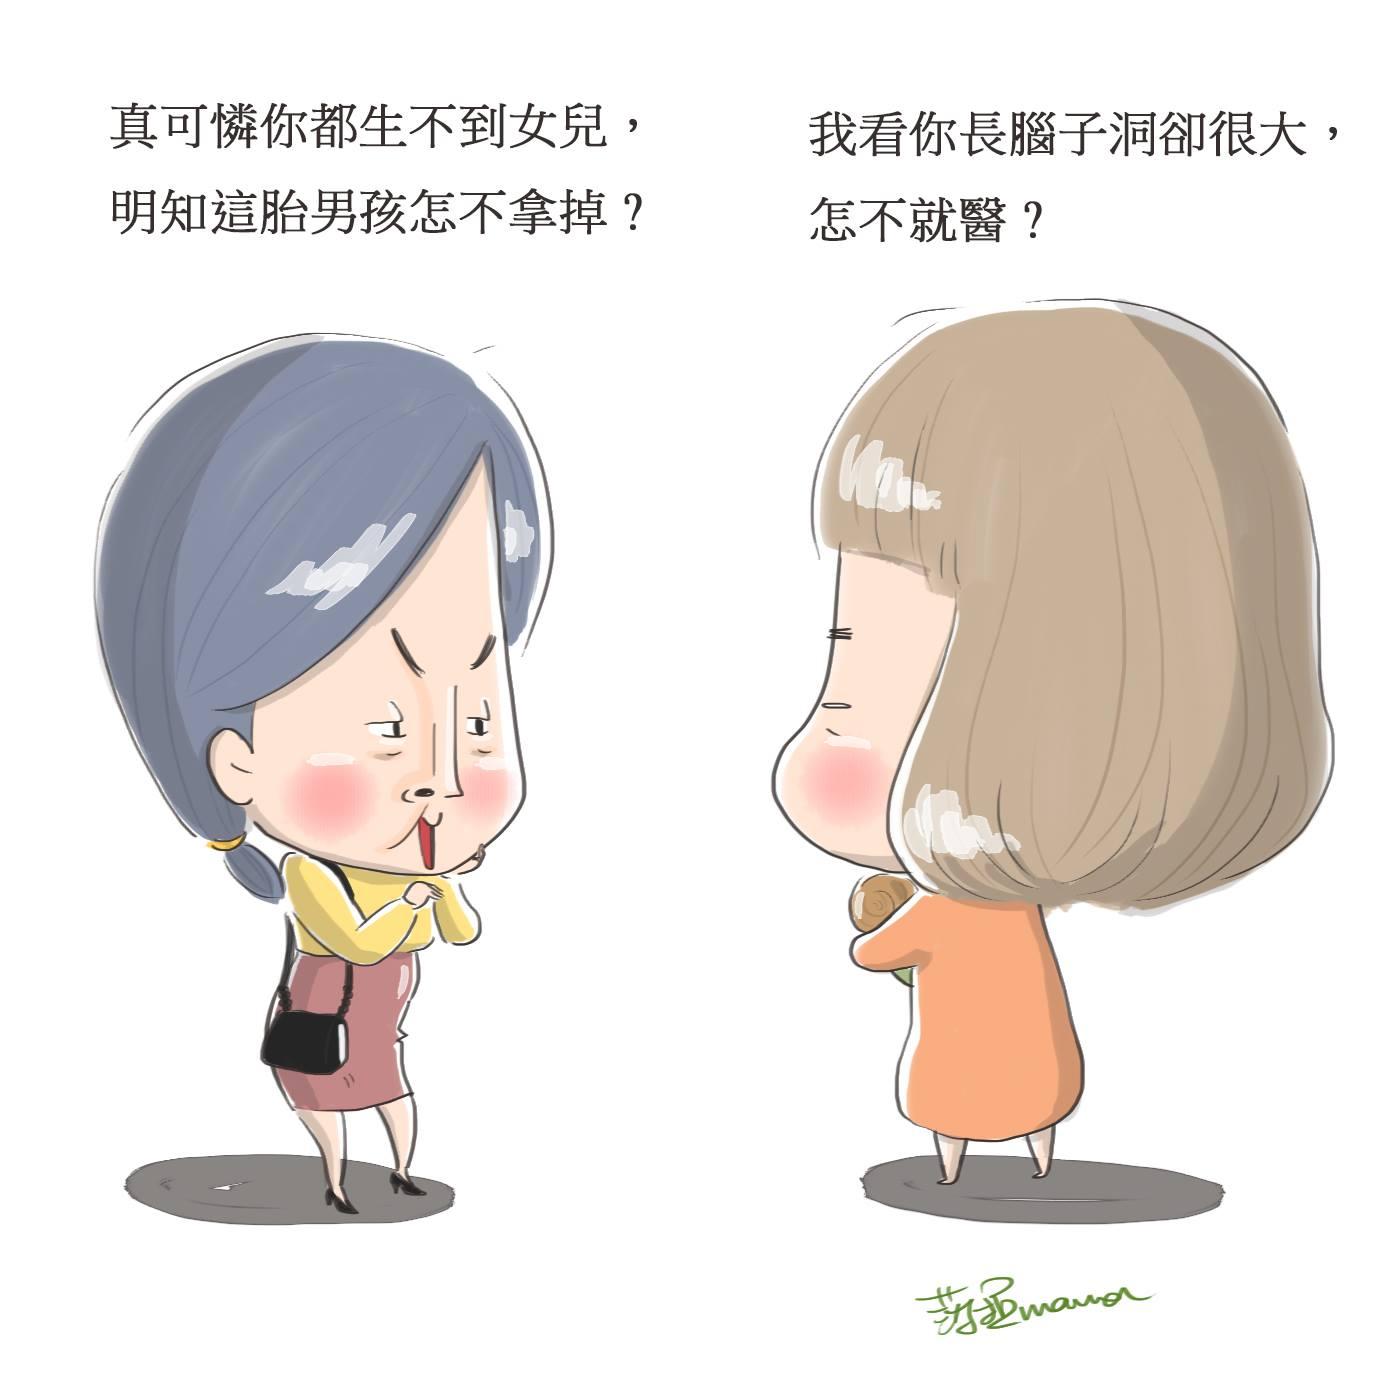 好好說話很困難?